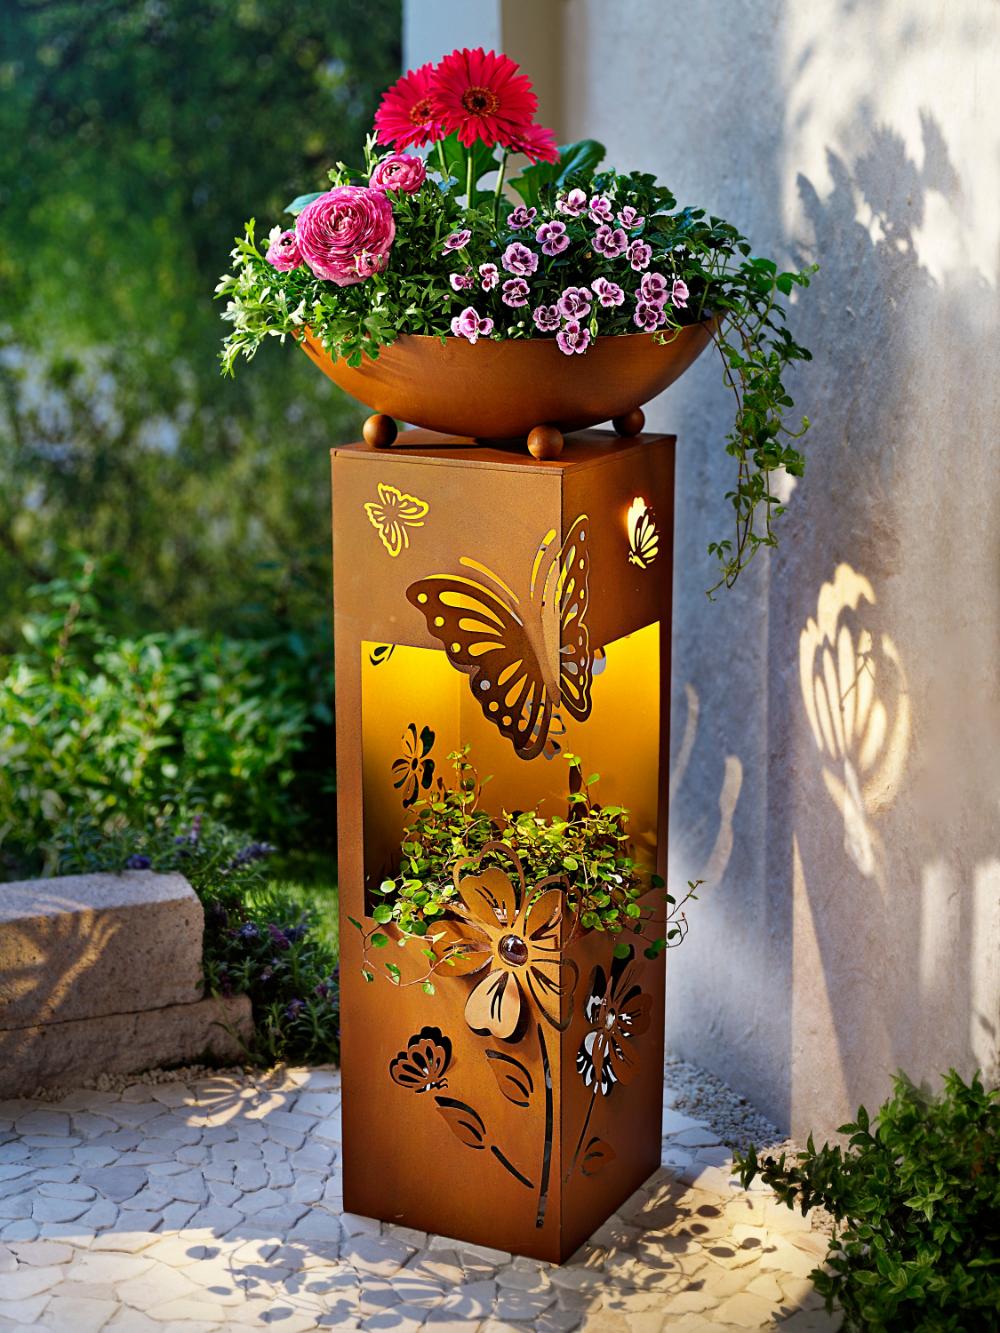 Pflanzsaule Butterfly Mit Led Beleuchtung Bestellen Weltbild De Beleuchtung Garten Bepflanzung Pflanzen